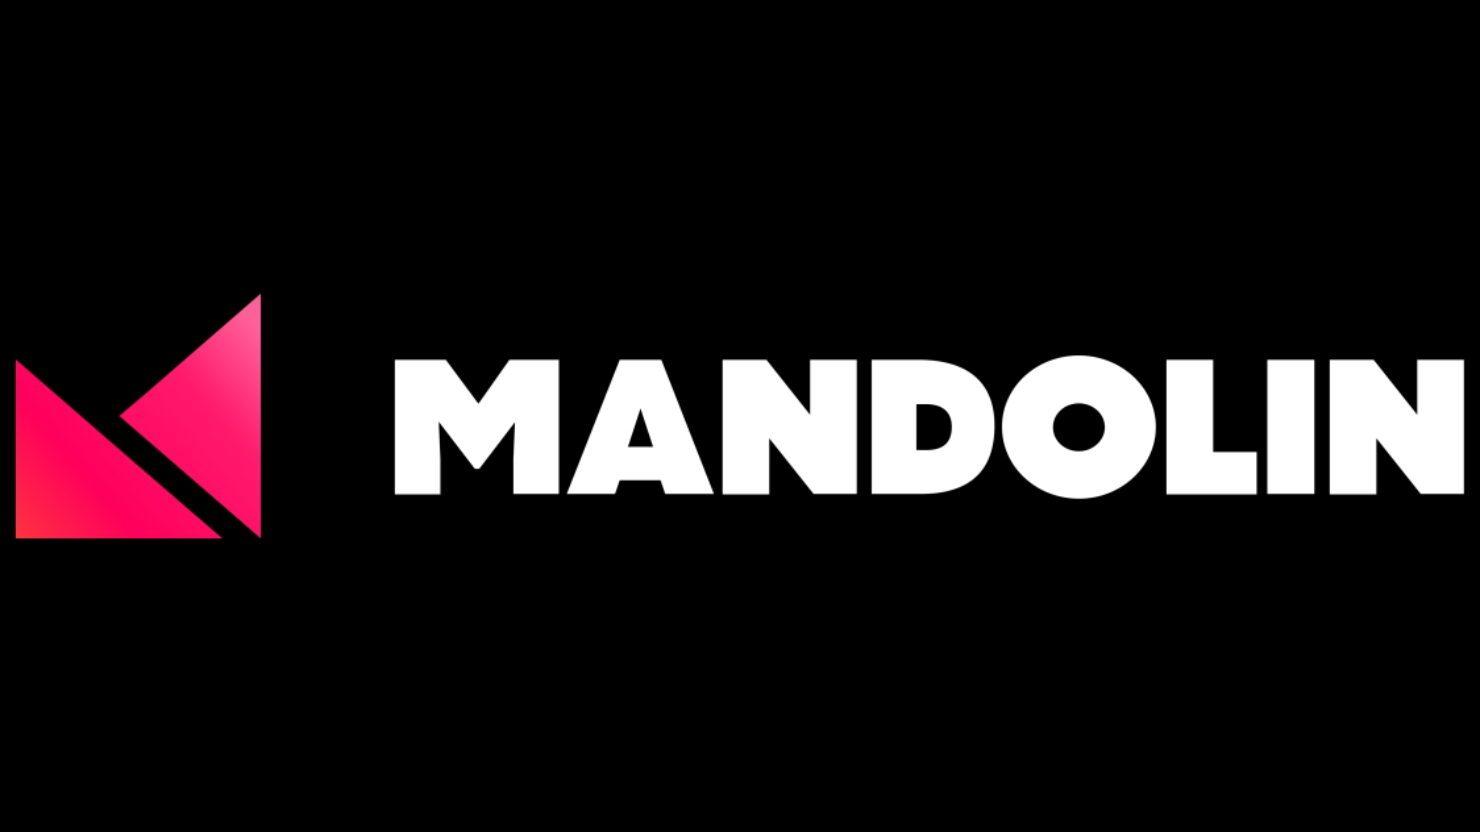 mandolin logo 1480x832.